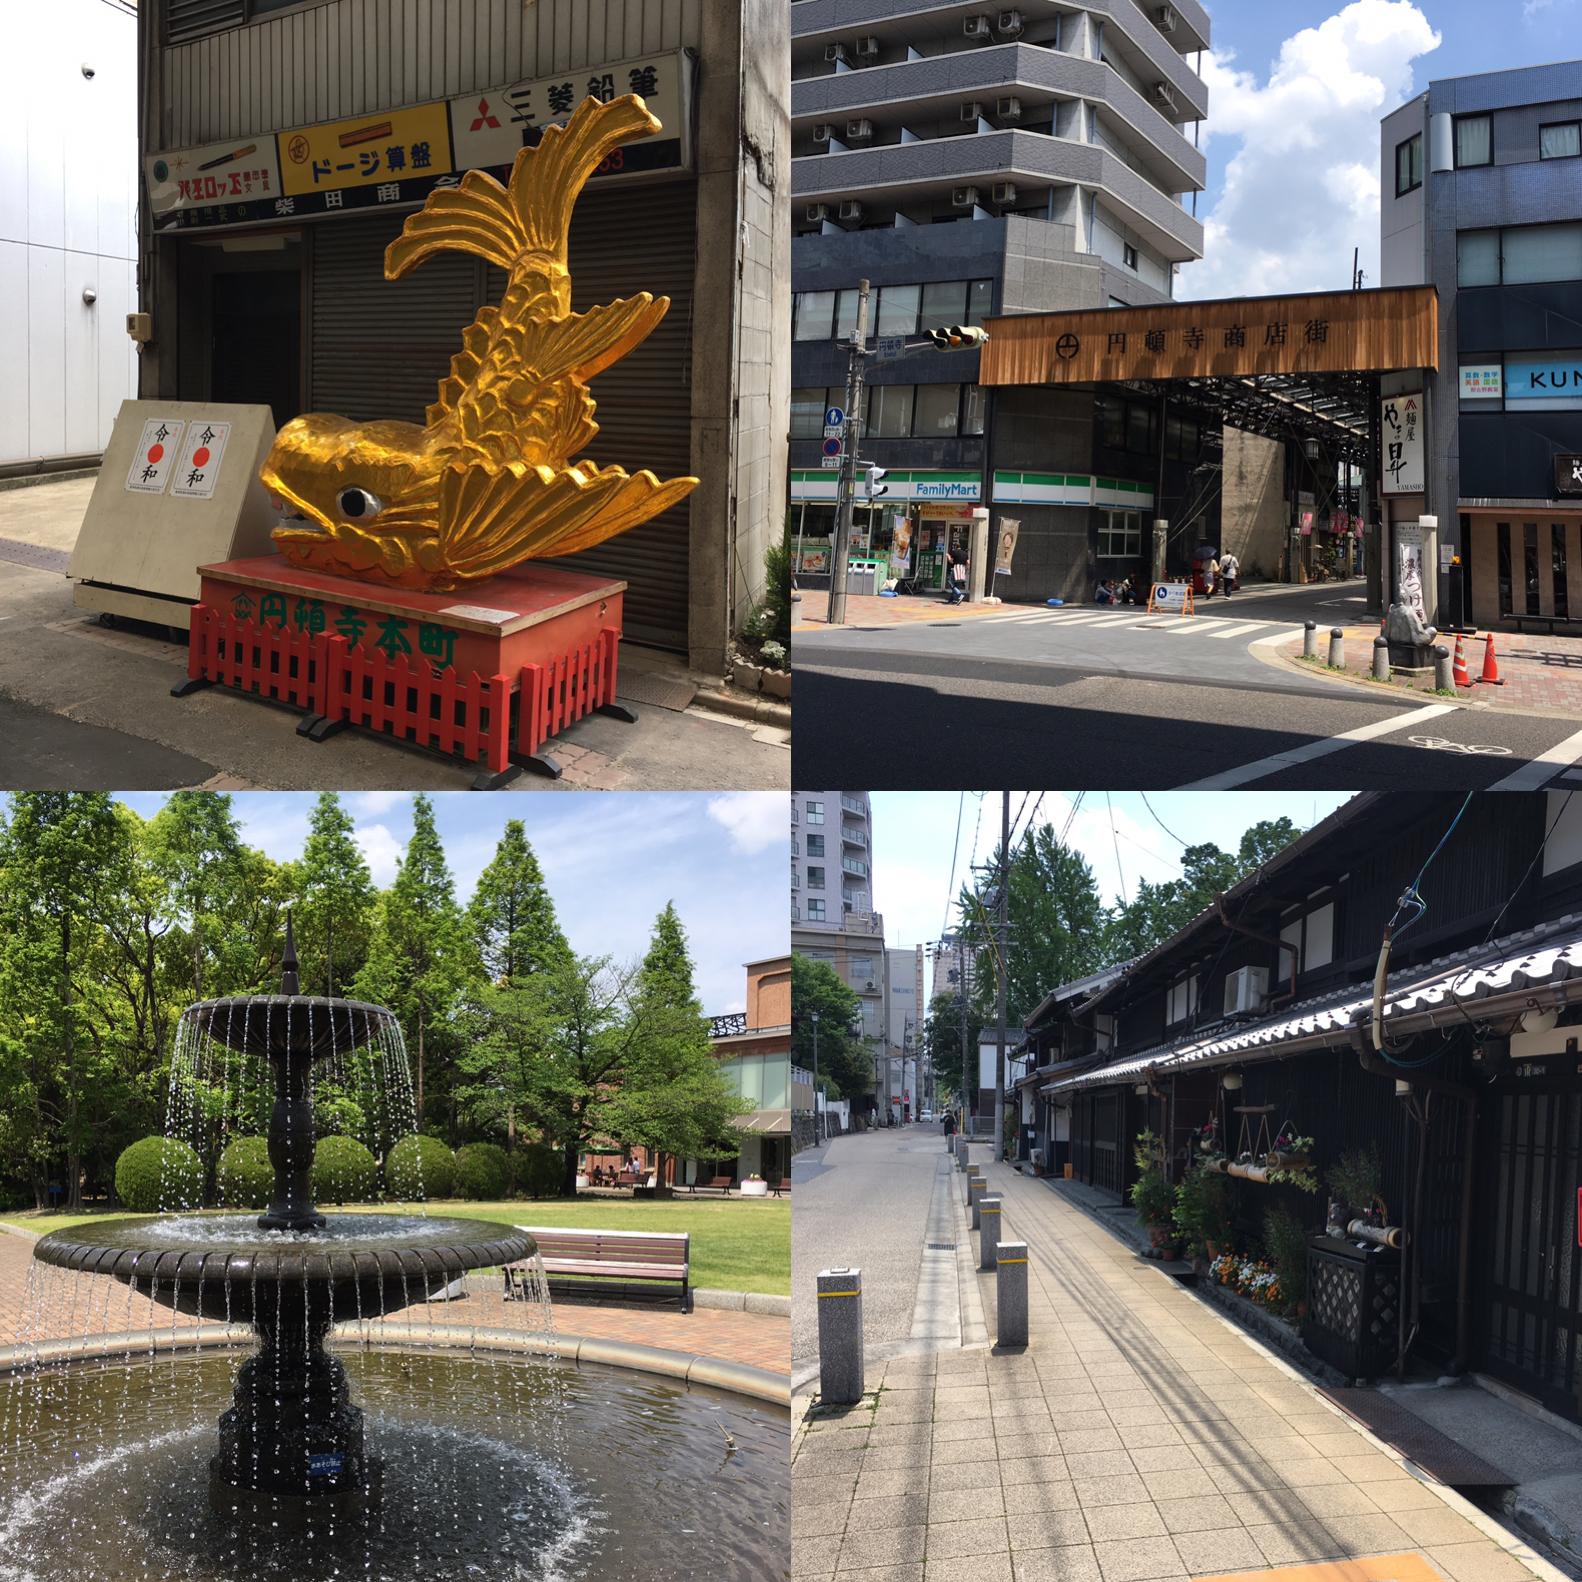 名古屋市西区で有名な行列のできる美味しい麺類屋